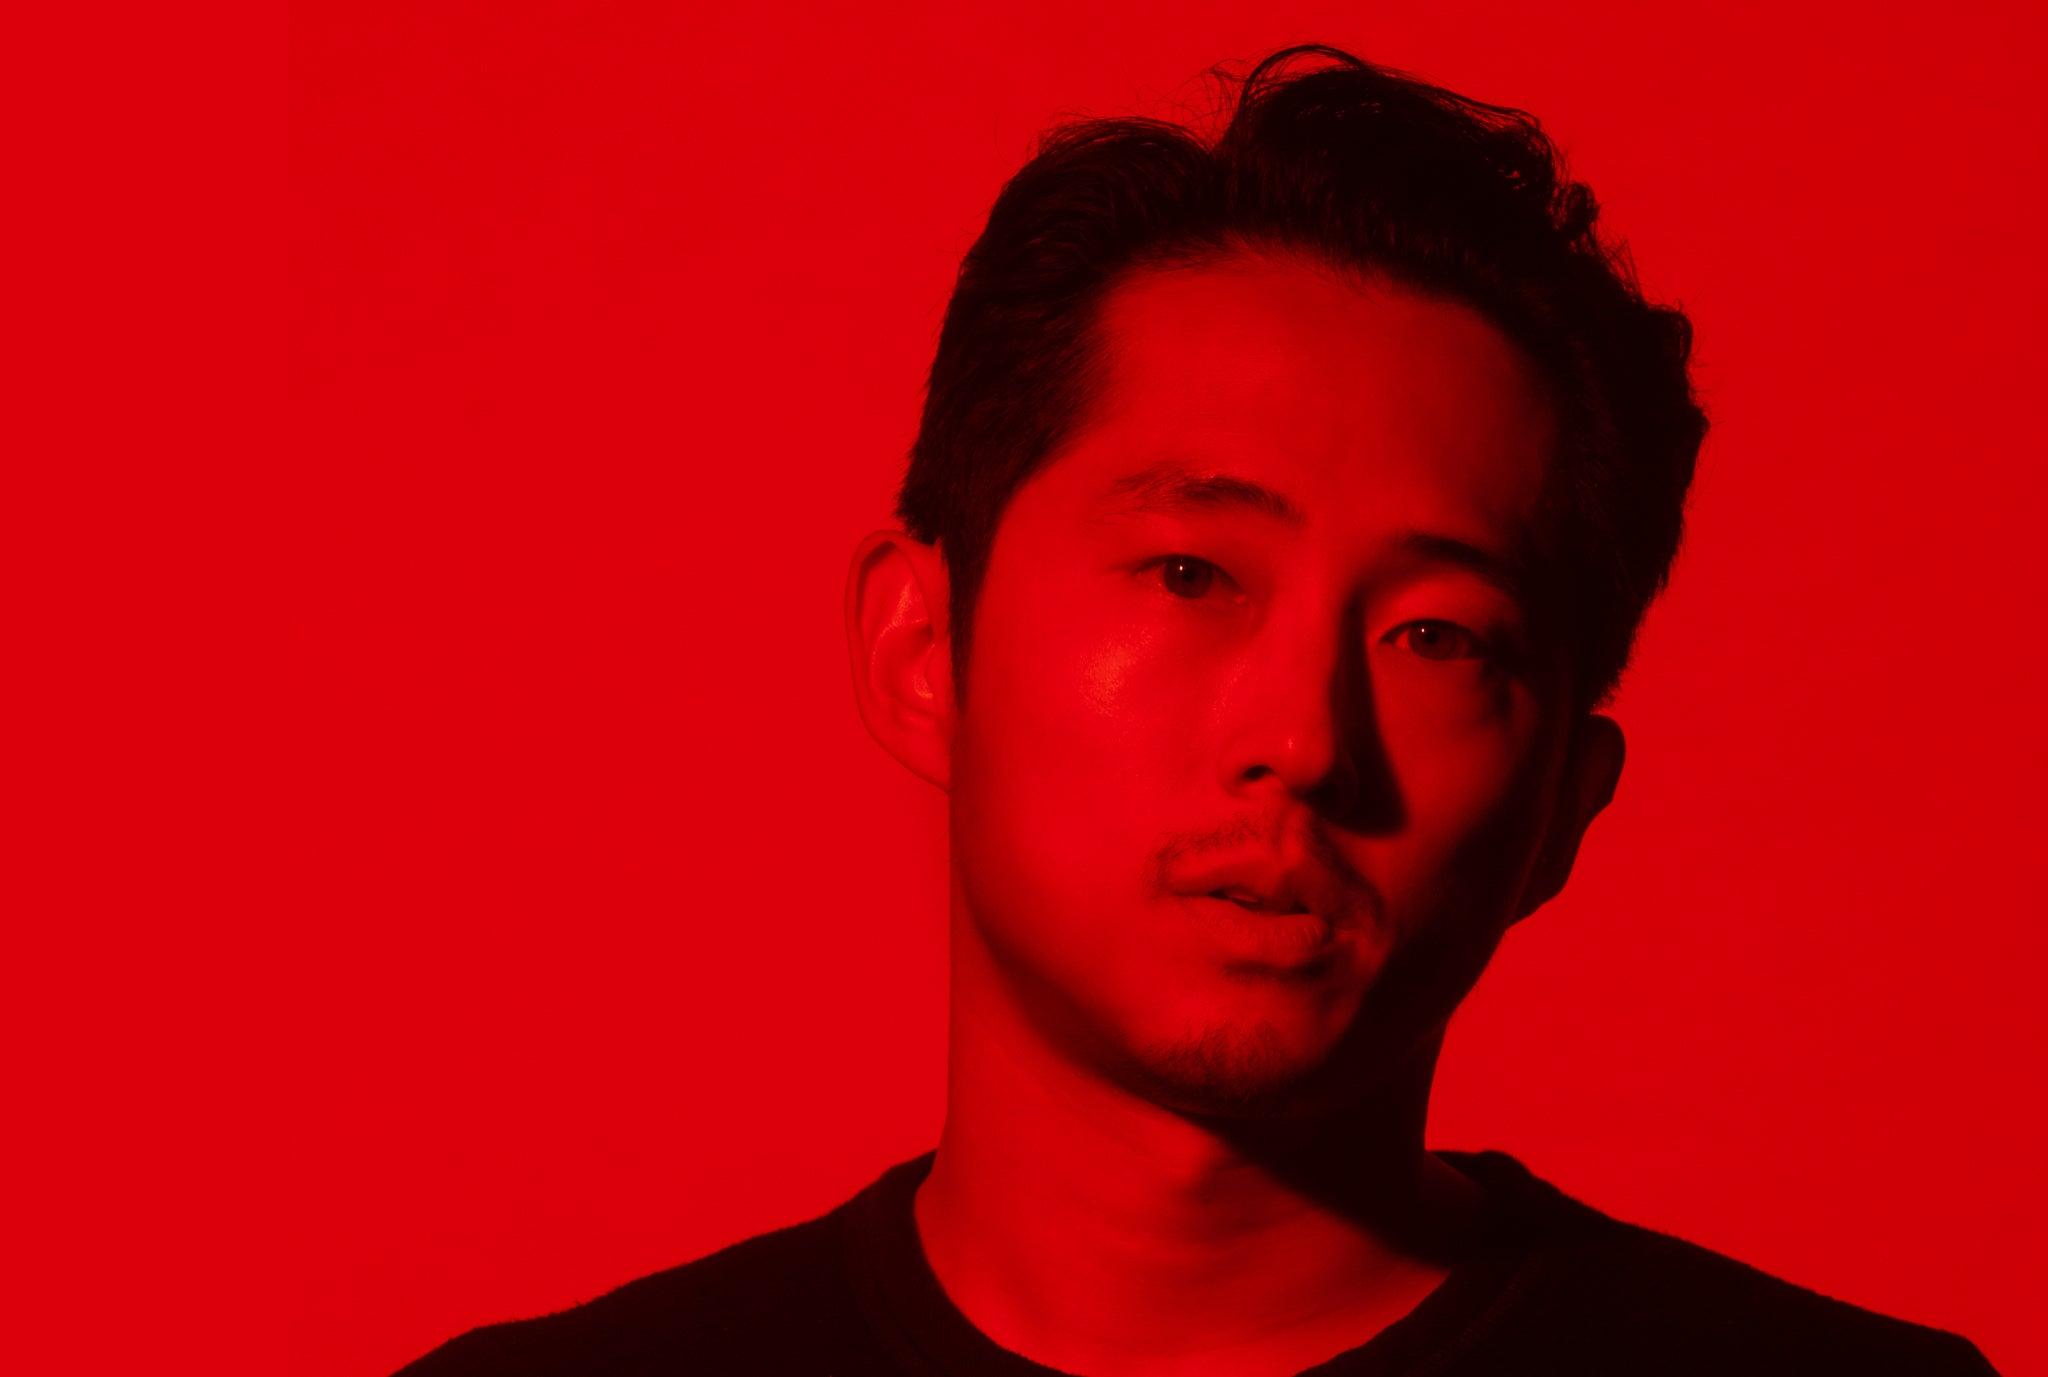 'Burning' star Steven Yuen